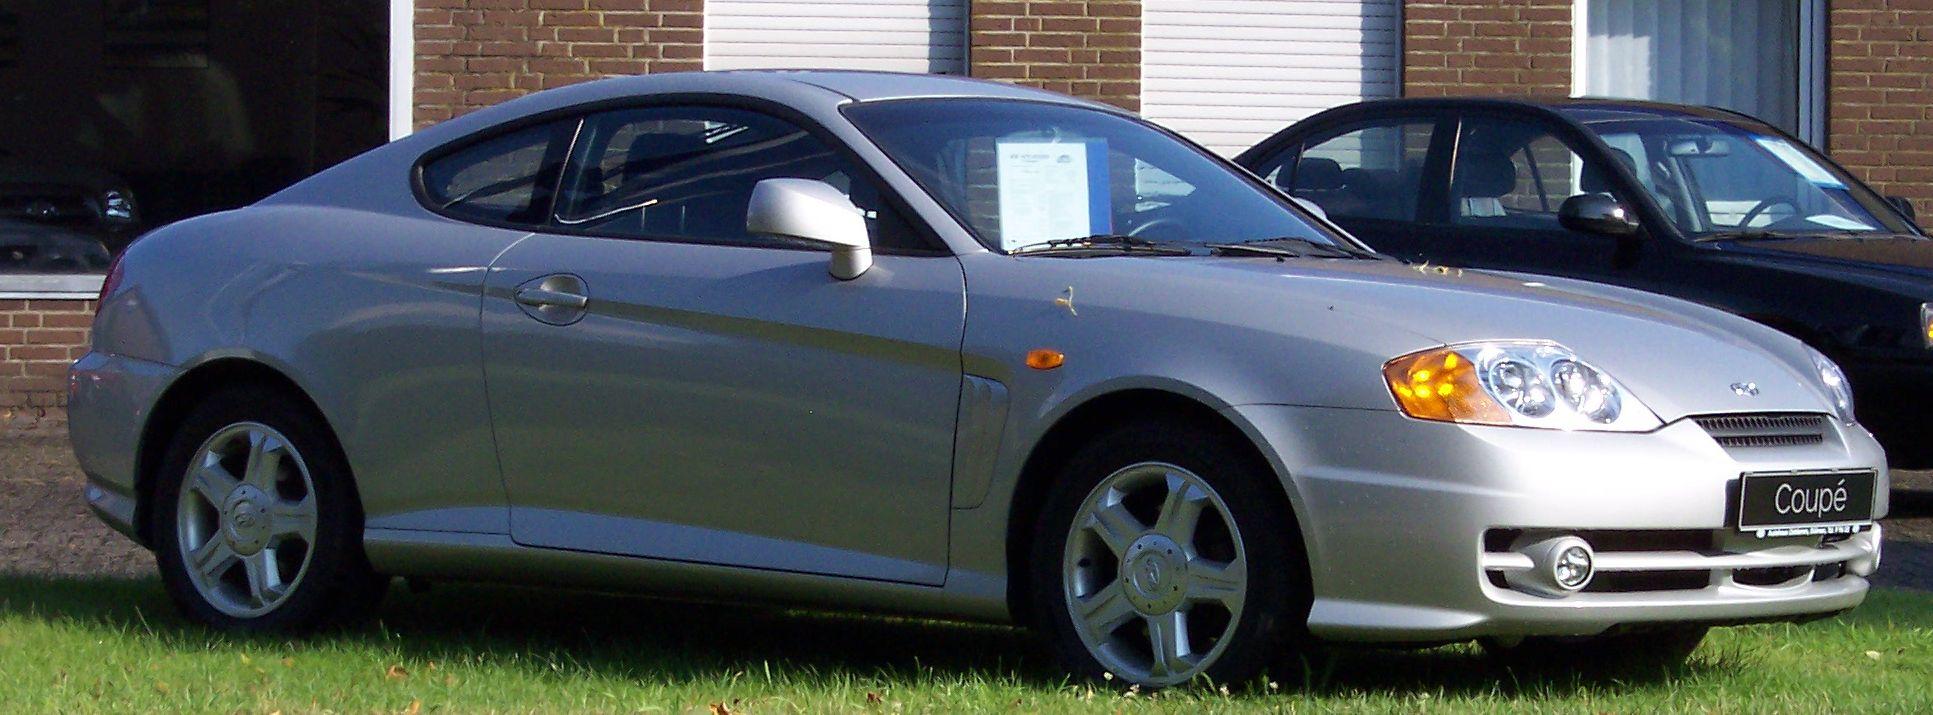 Fichier Hyundai Coupe 2005 Jpg Wikipedia